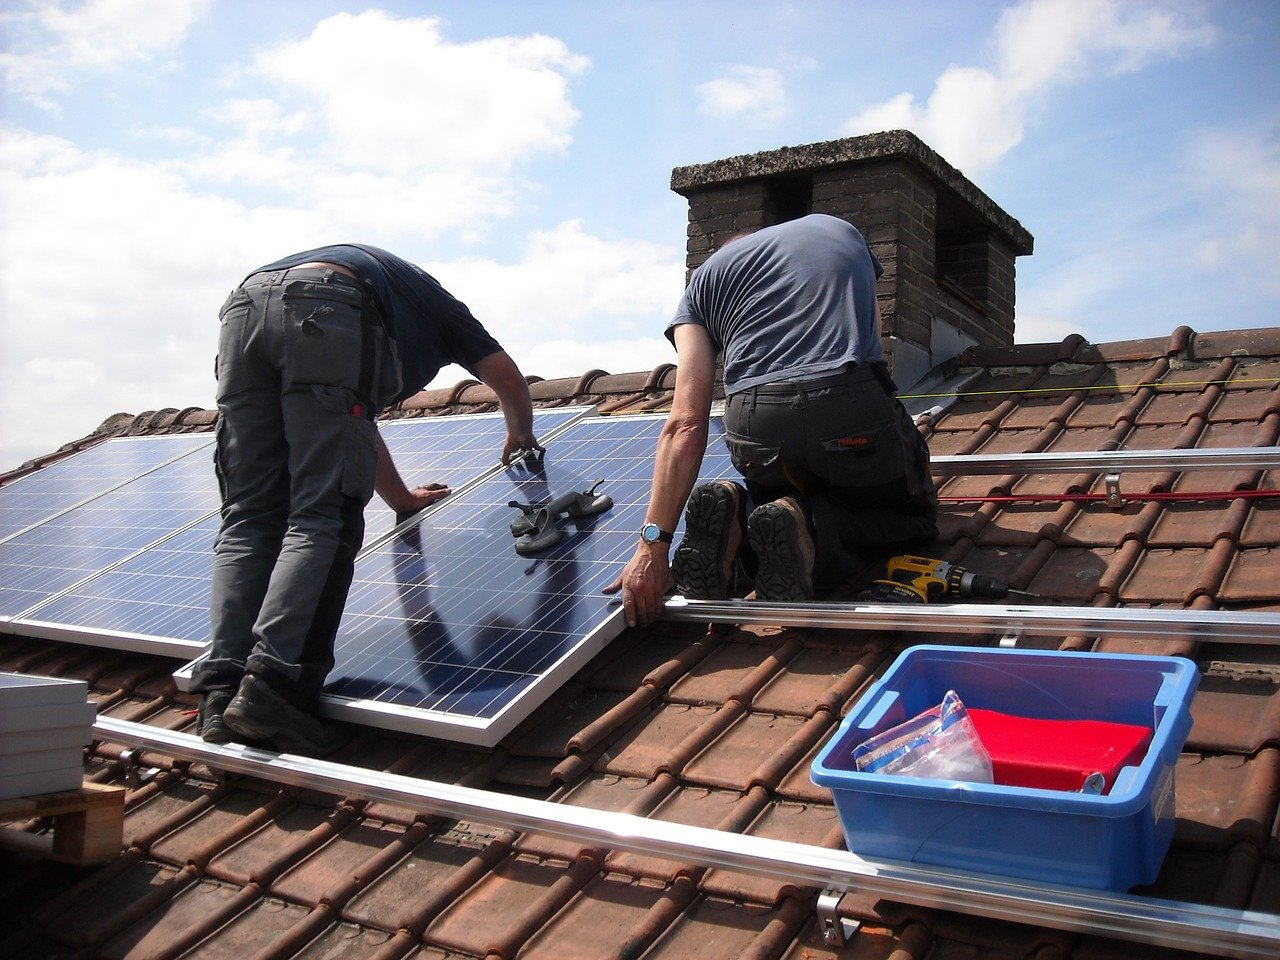 Welke energieleverancier kies je bij zonnepanelen?